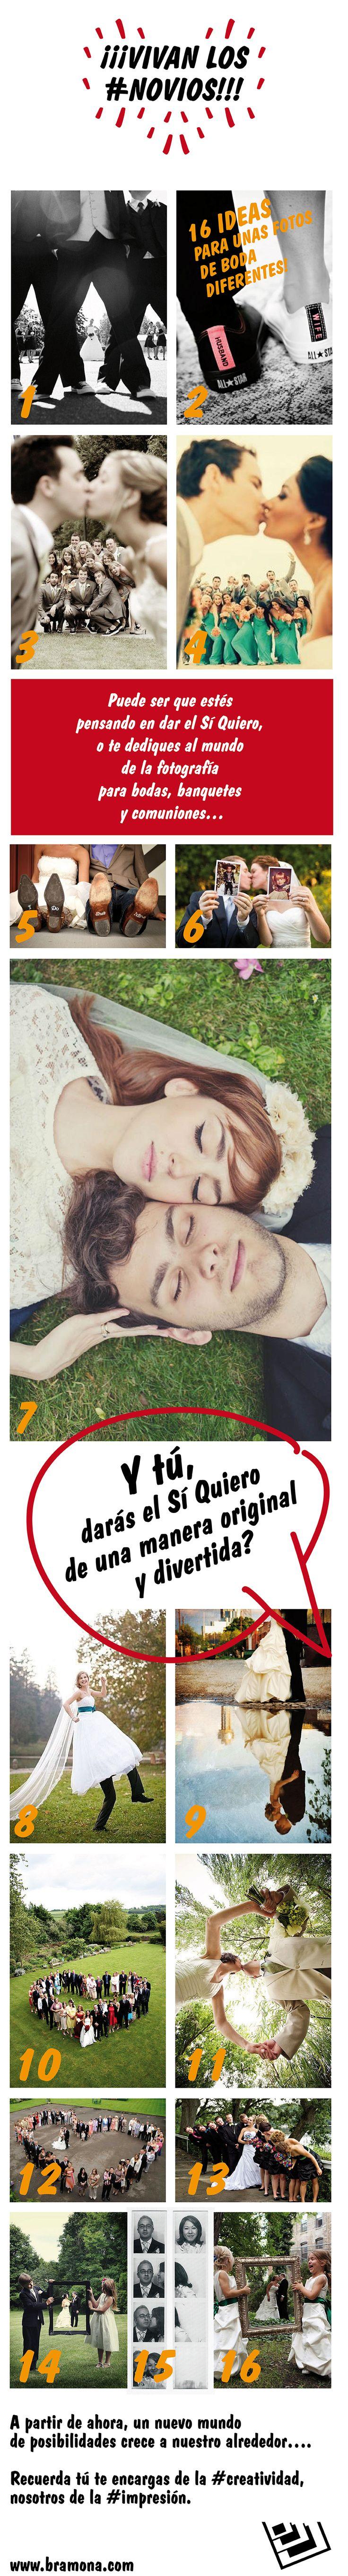 Vivan los novios!!! 16 ideas para unas fotos de boda diferentes